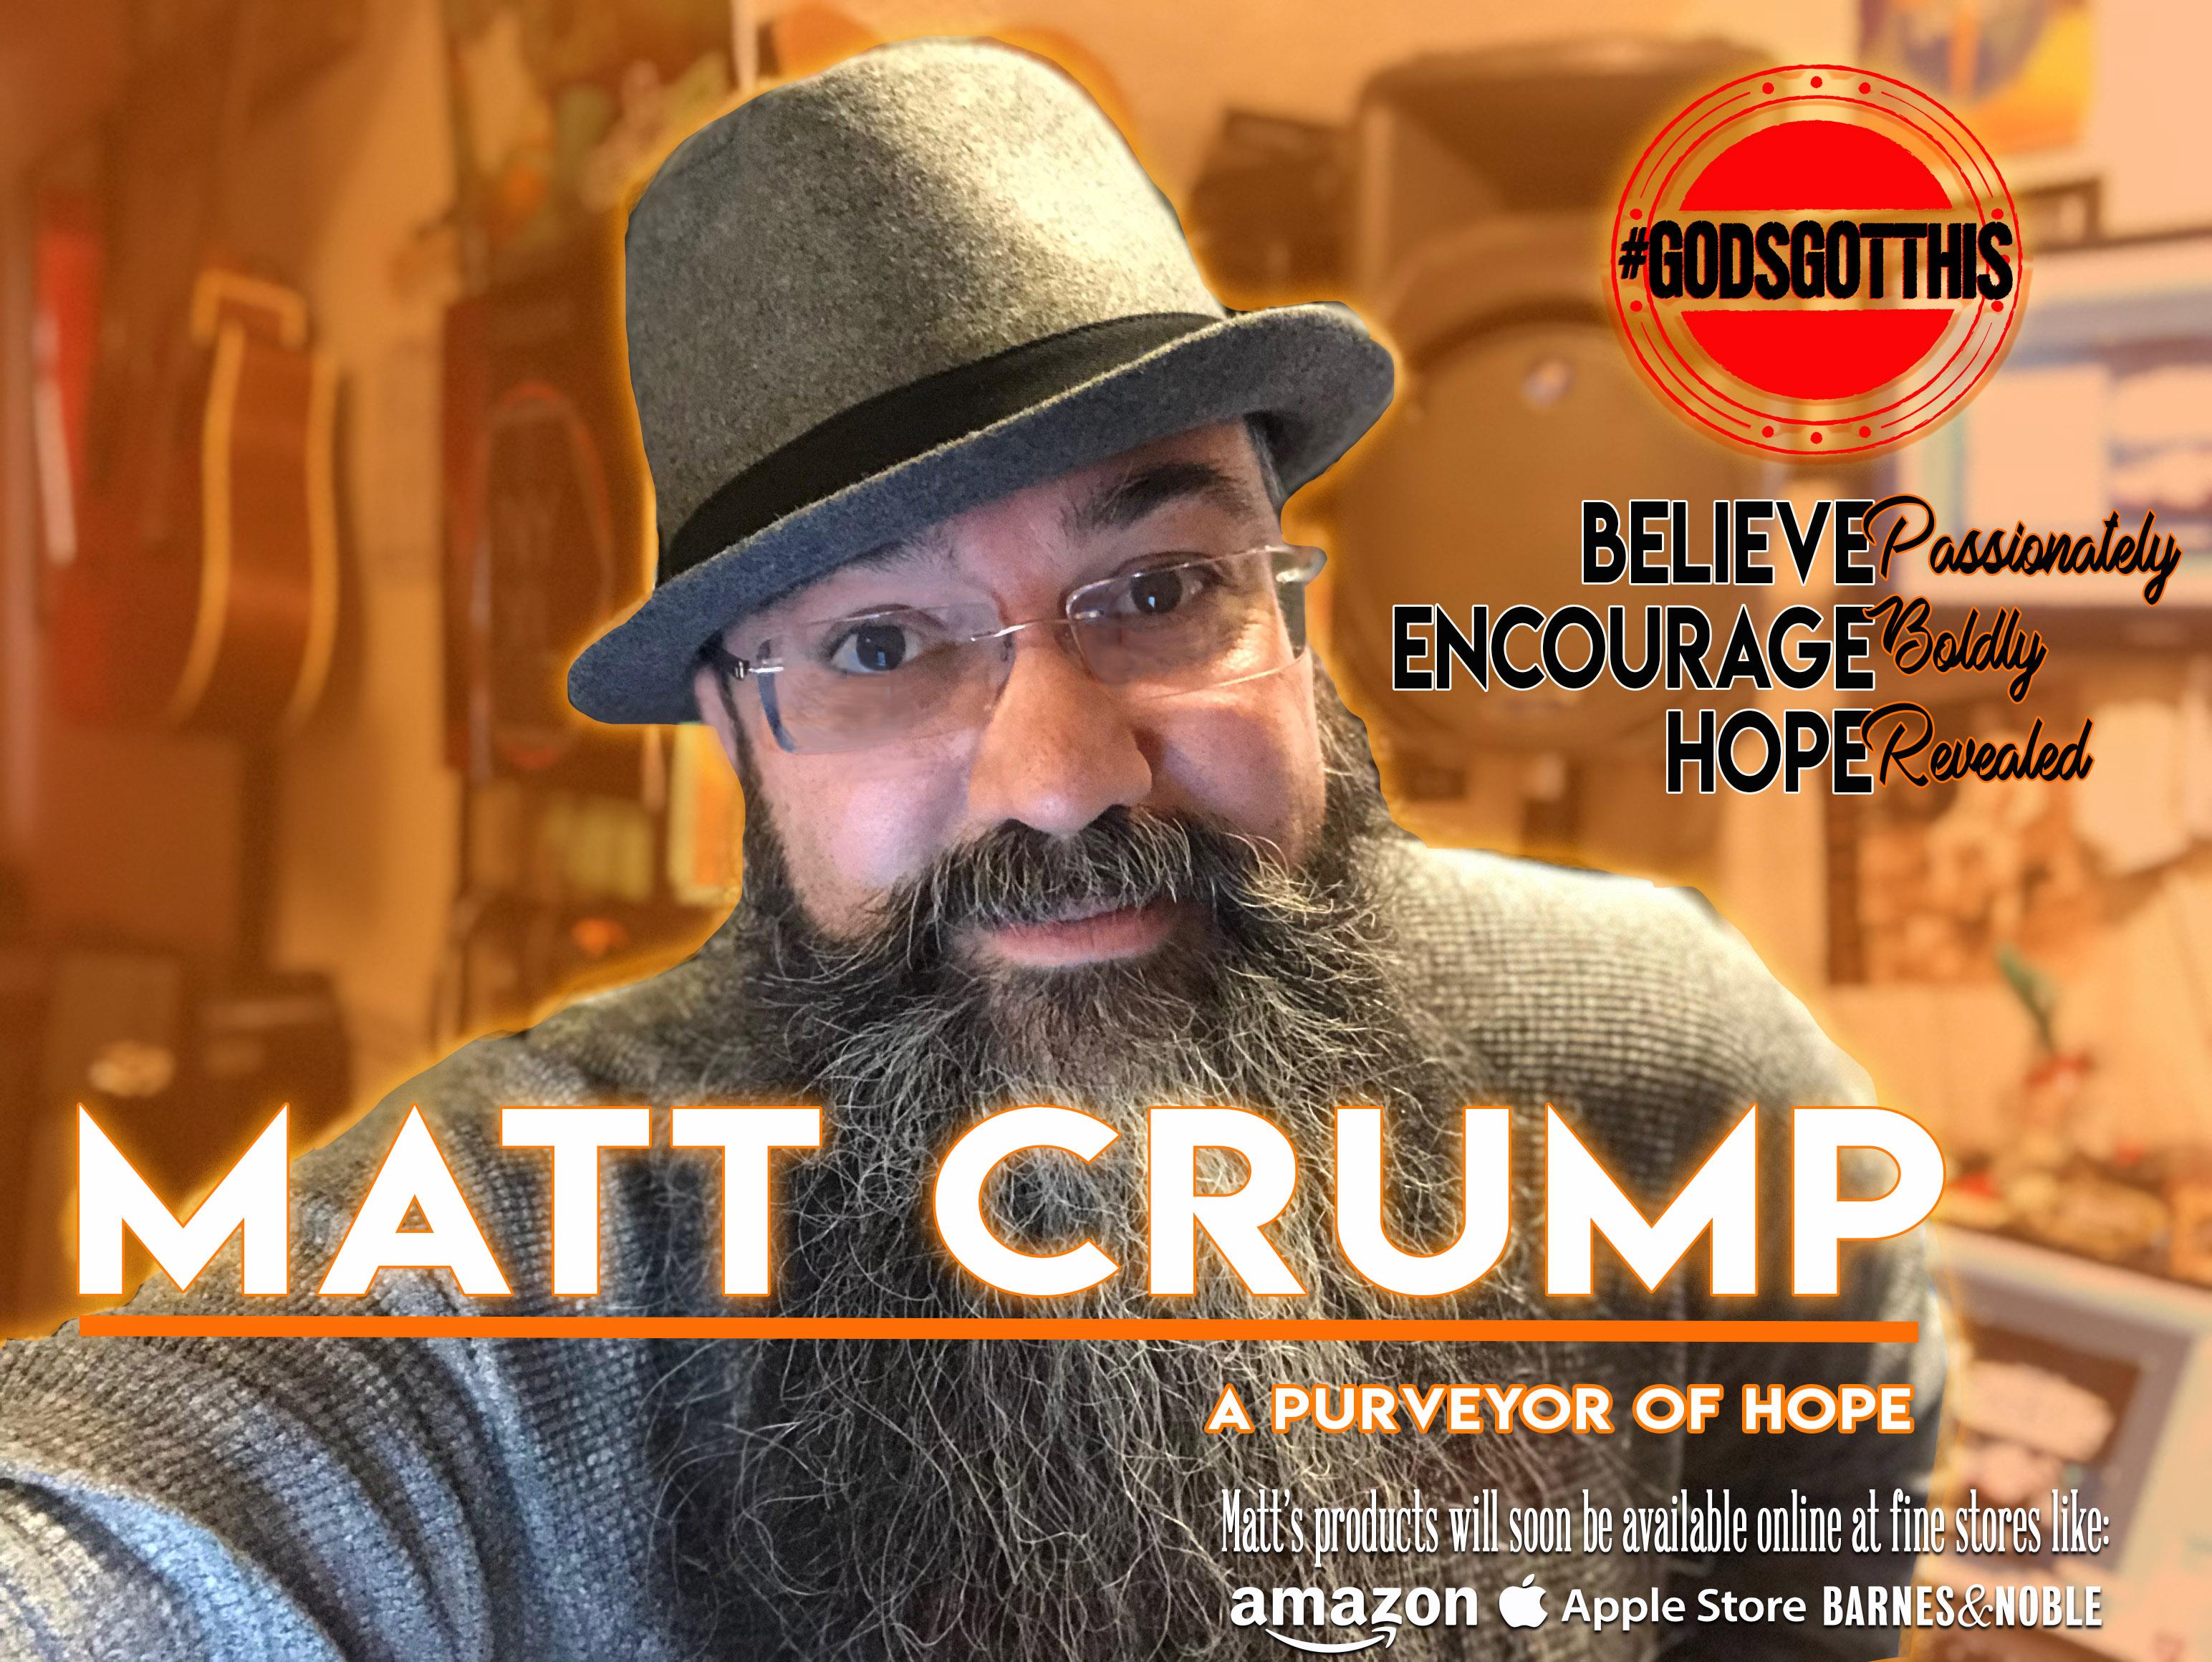 Matt Crump